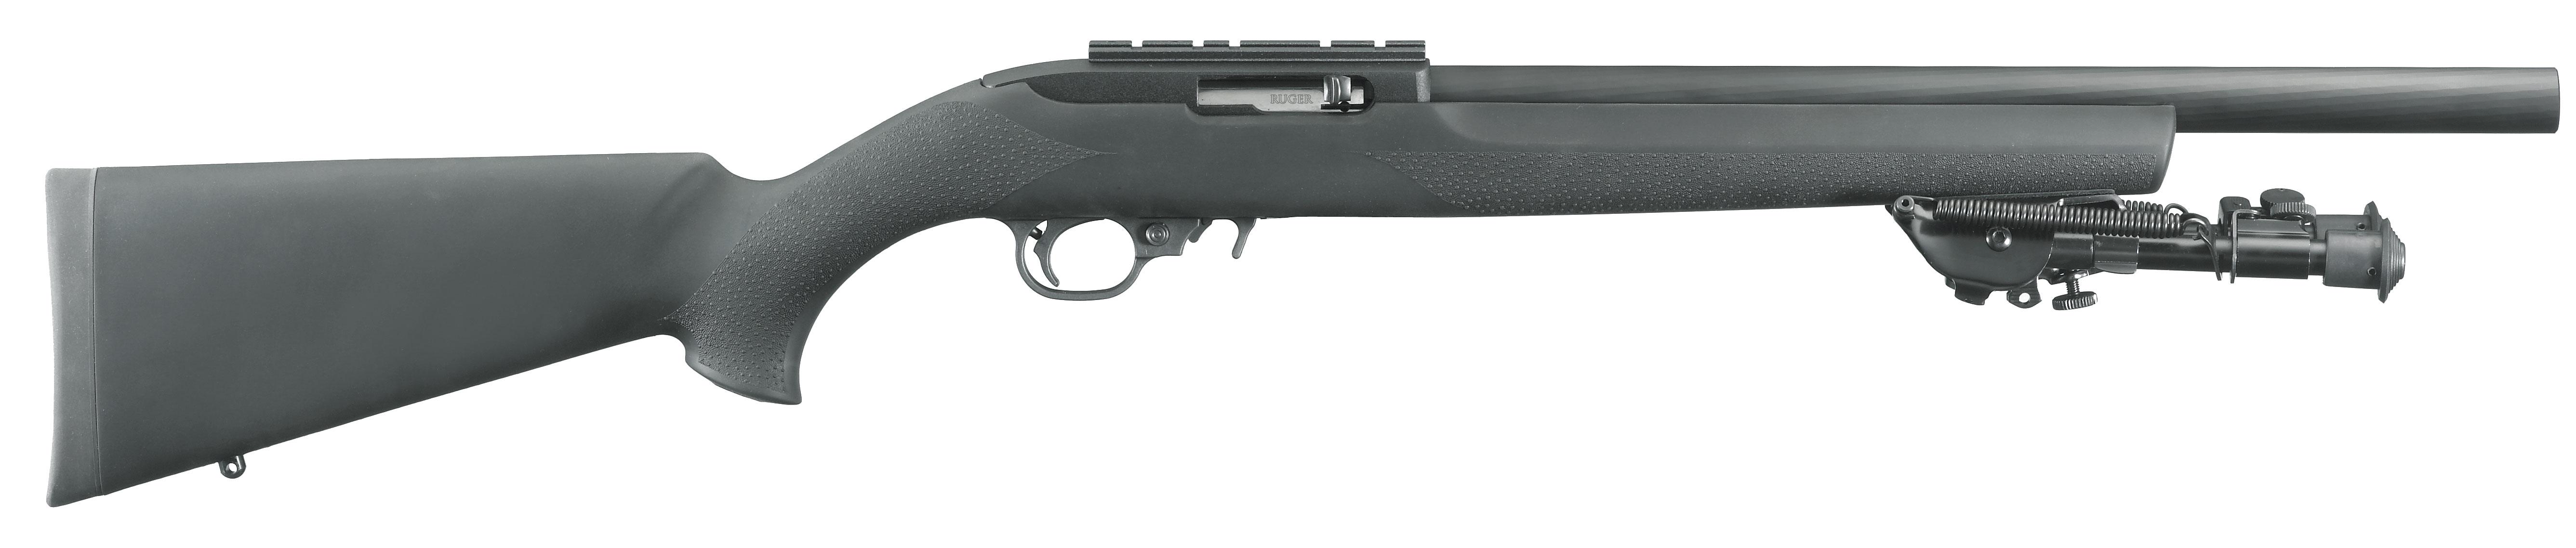 Ruger 10/22 Tactical cal .22lr